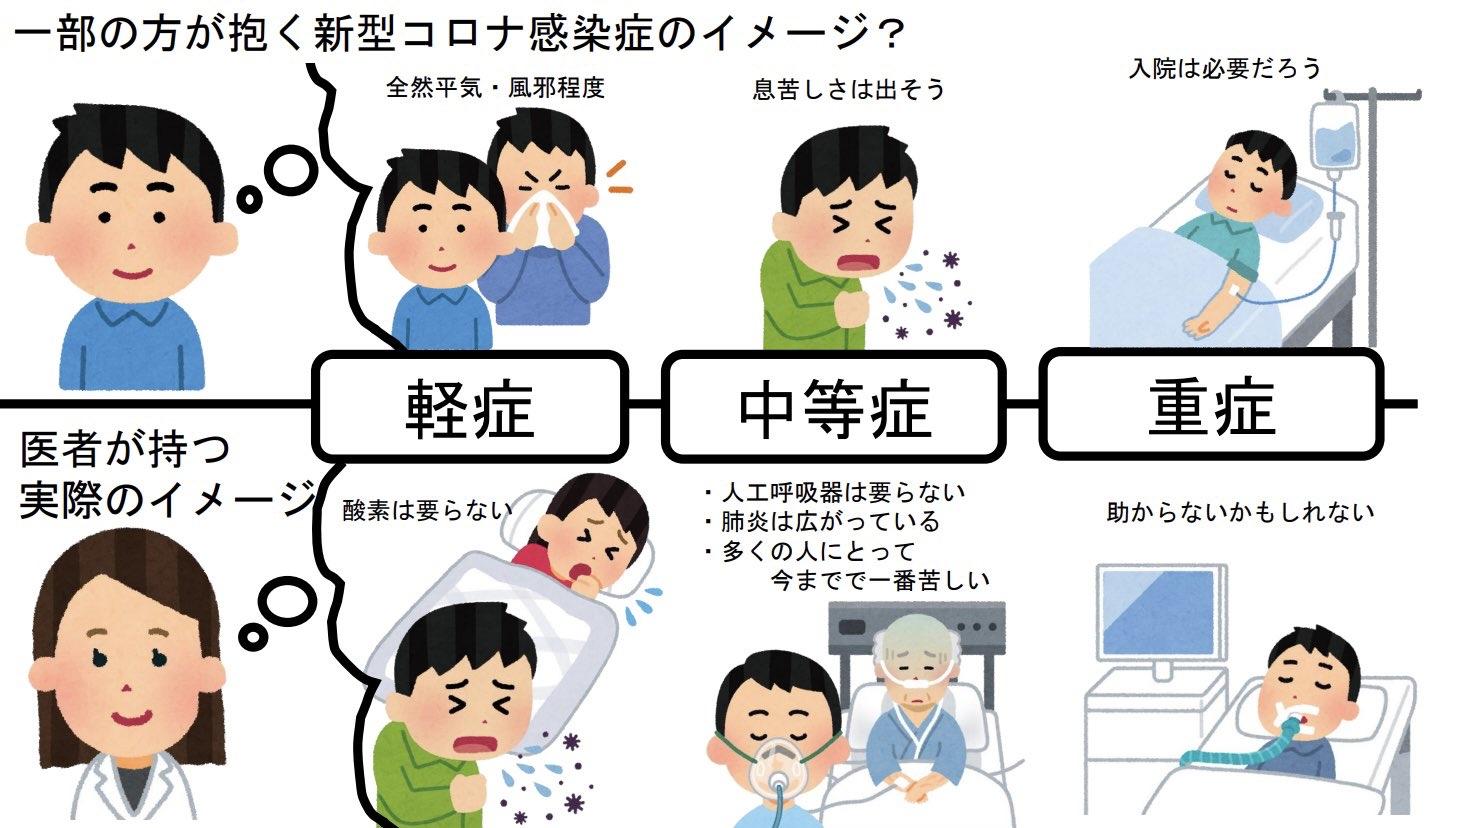 【悲報】政府「病床確保するため、中等症・軽症は自宅療養でヨシ!」